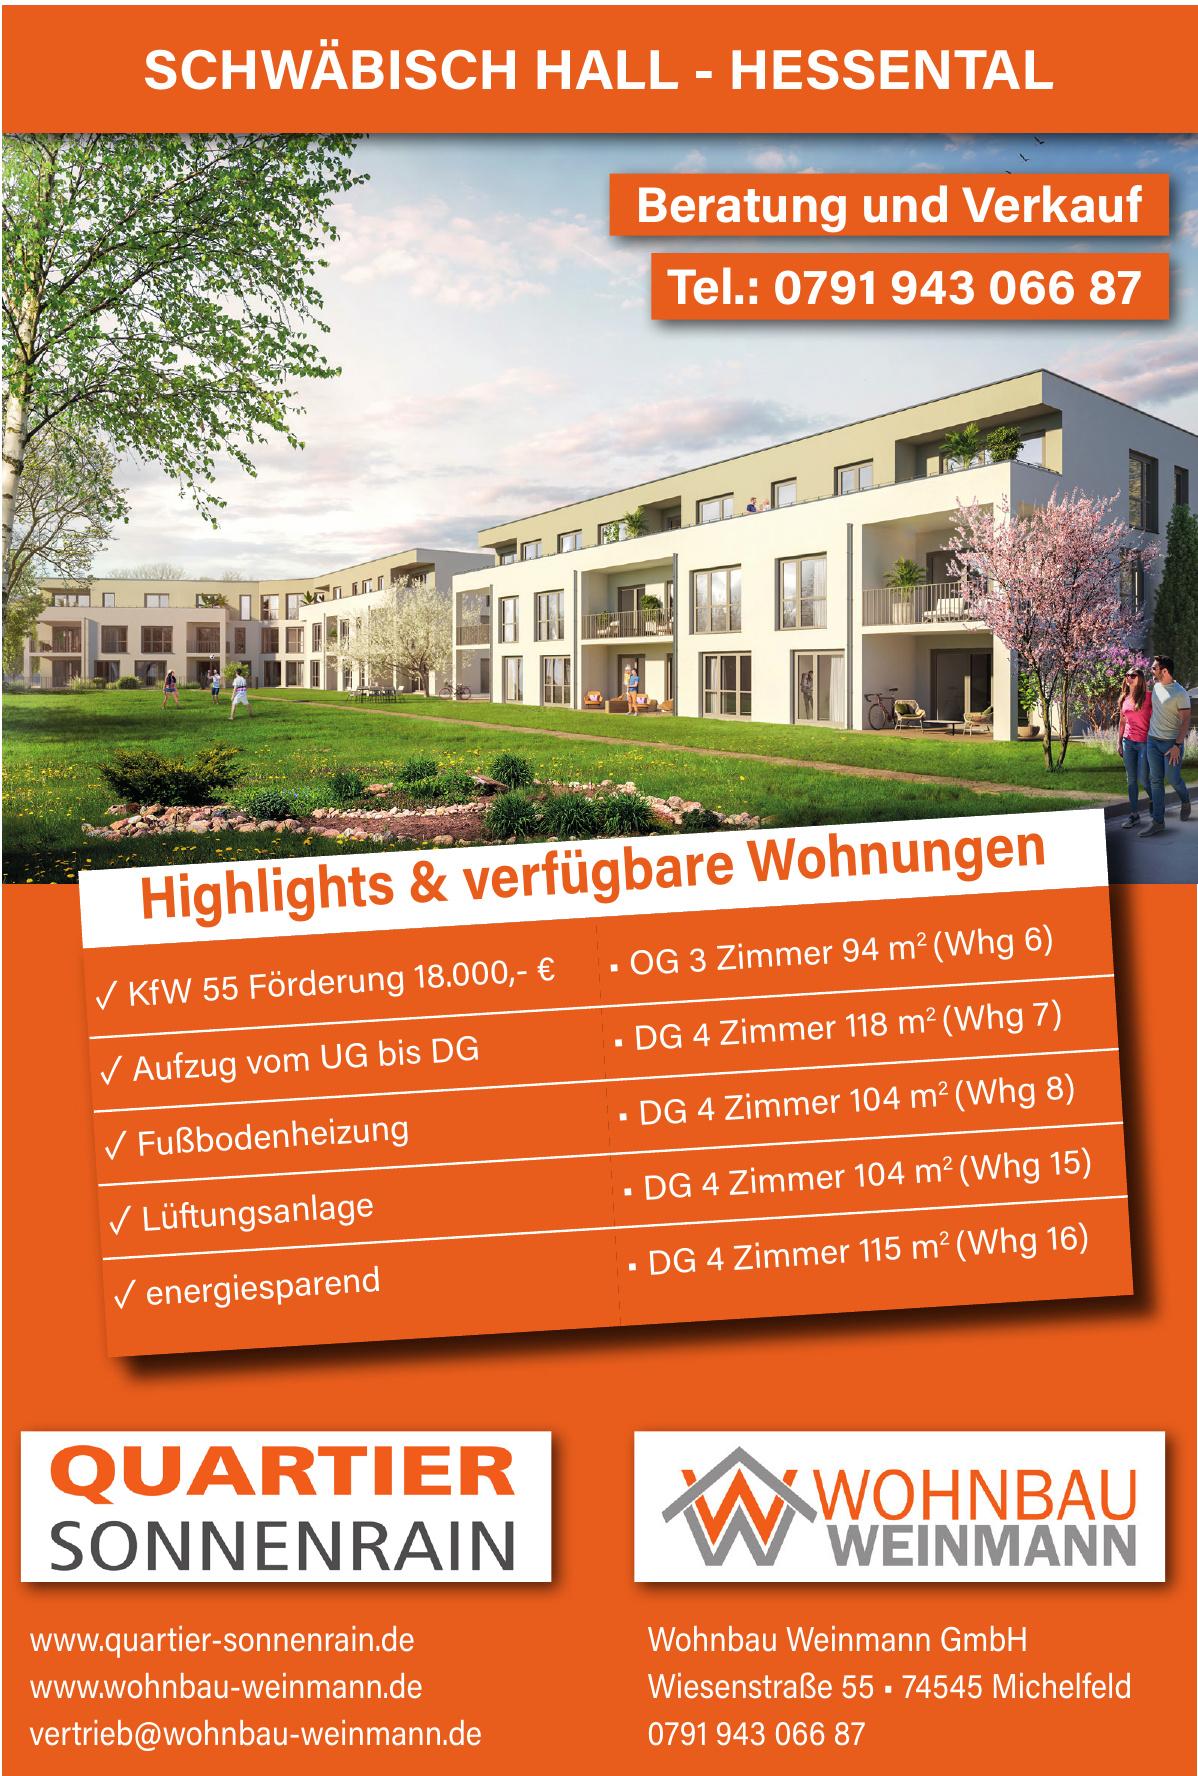 Wohnbau Weinmann GmbH